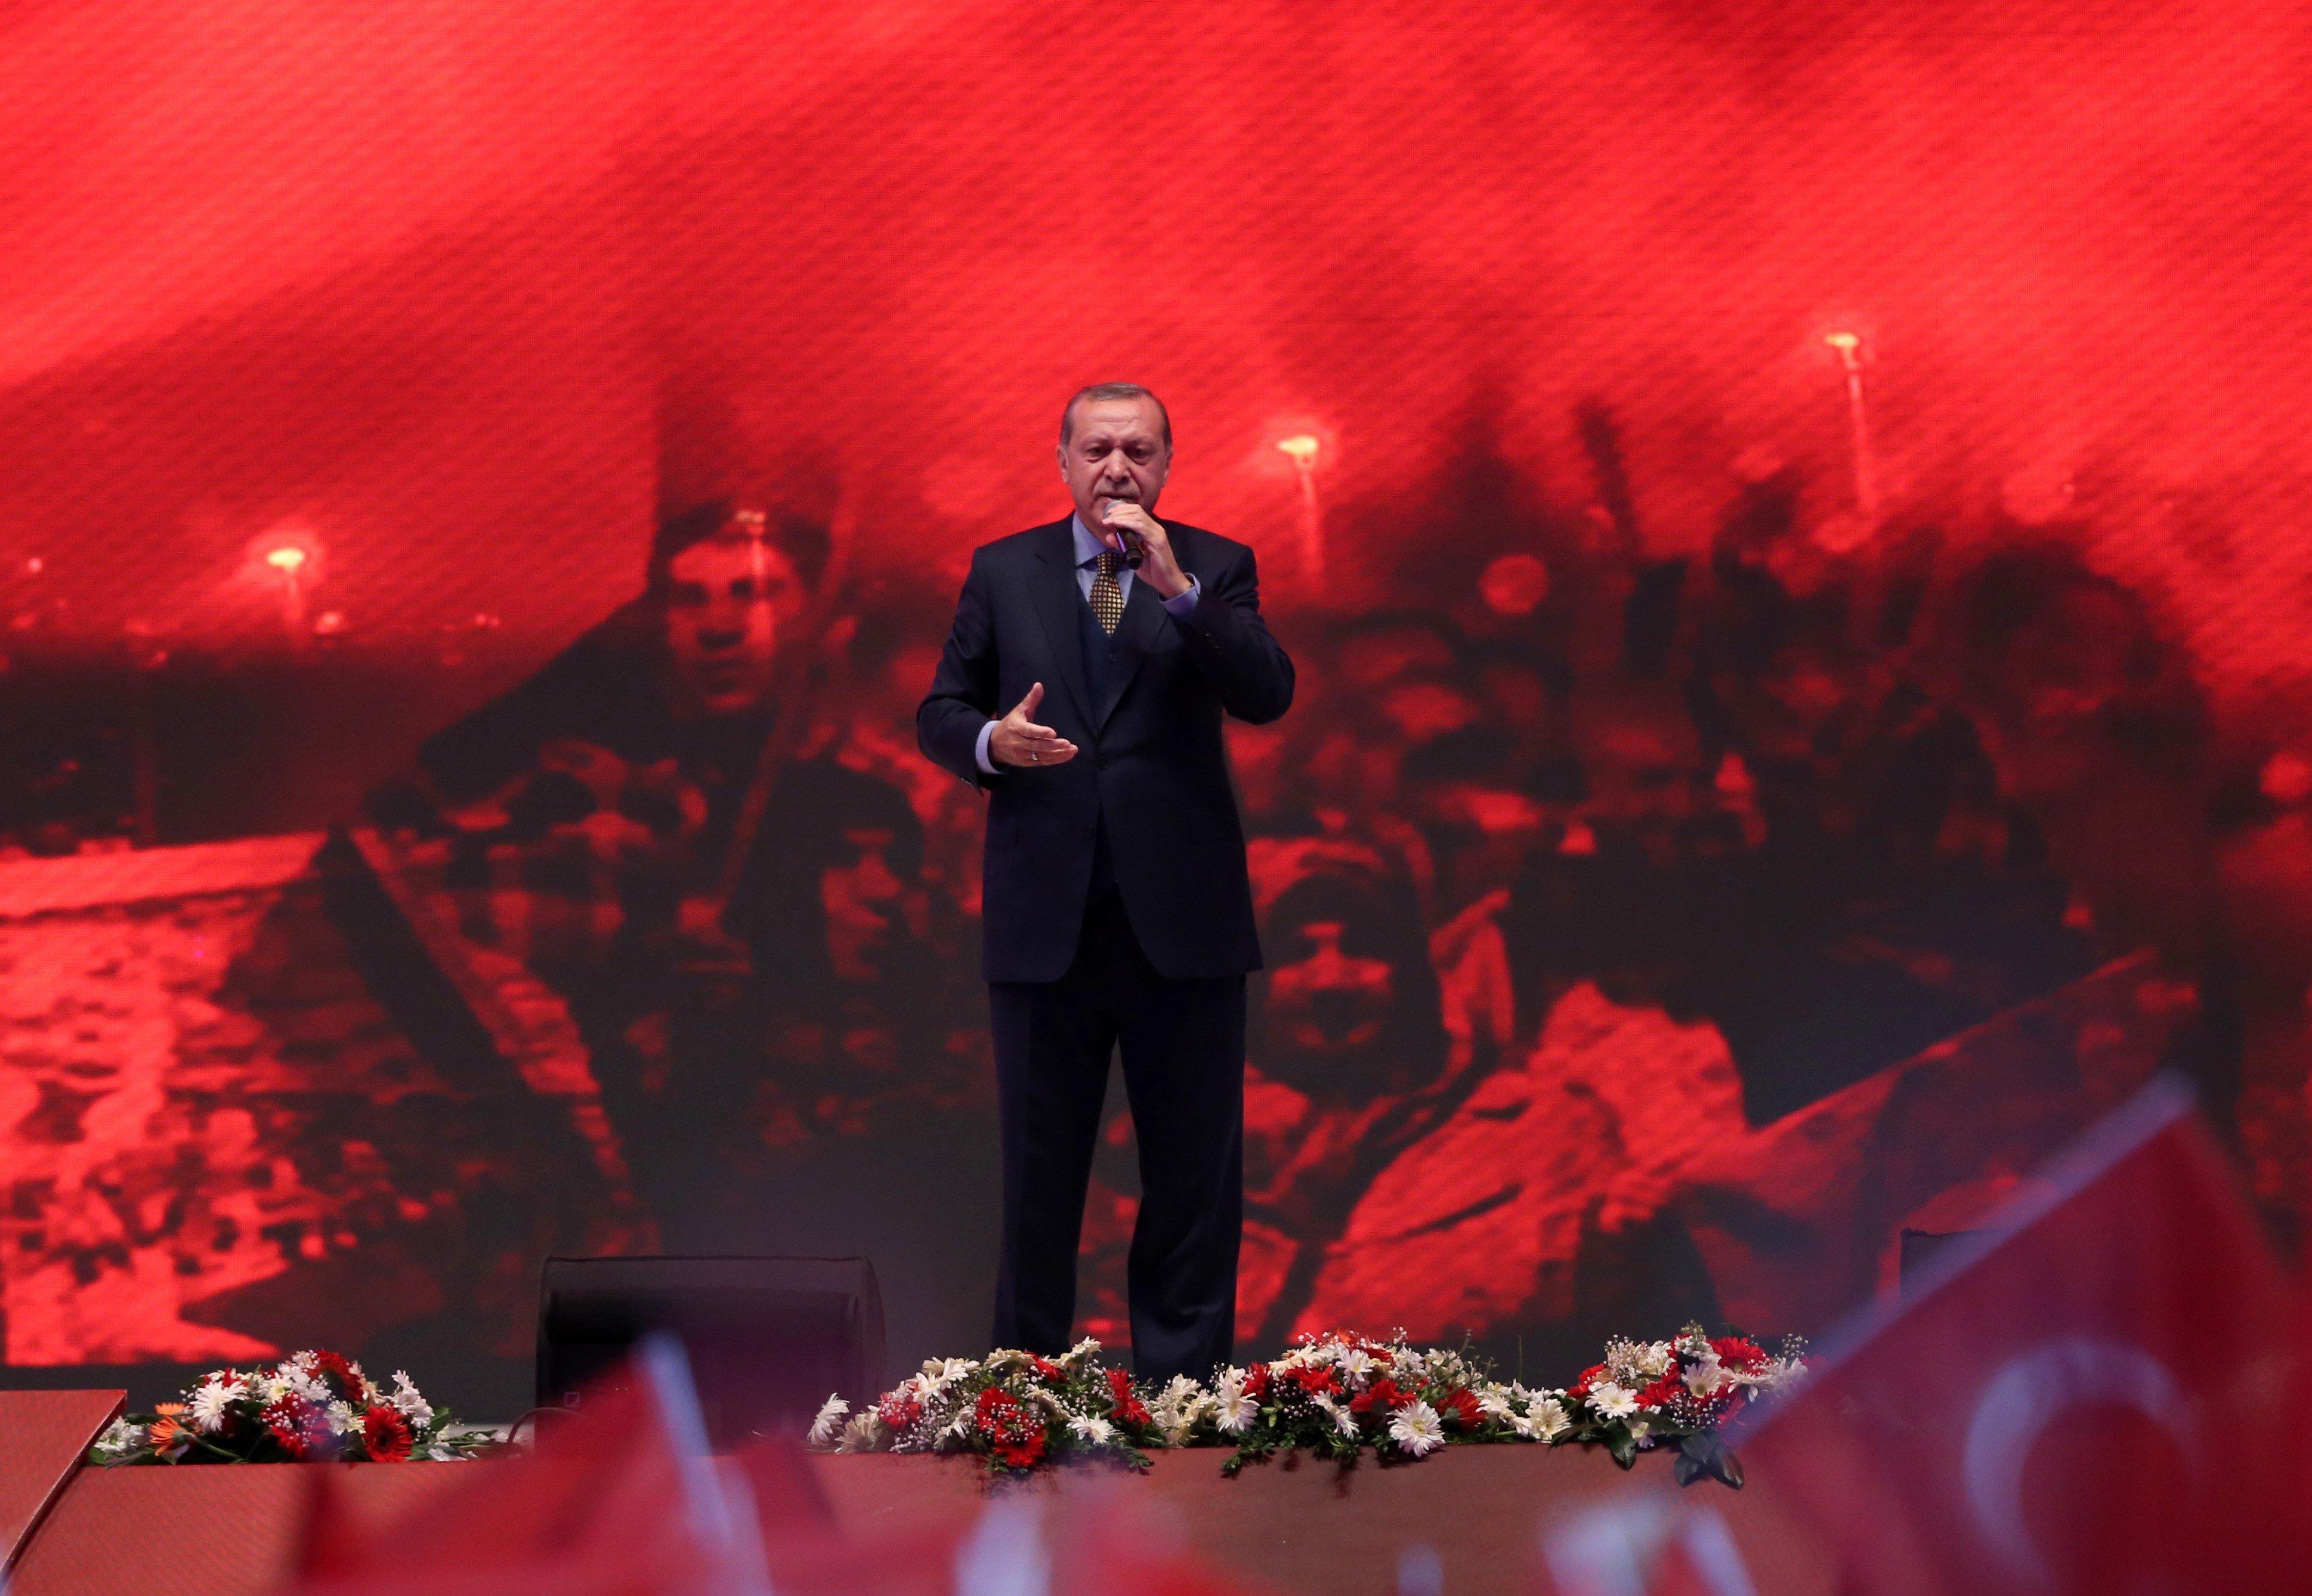 «Οι Έλληνες στρατιώτες έκαψαν την Σμύρνη...εμάς απλά μας βγήκε το όνομα», λέει ο Ερντογάν σε ένα νέο παραλήρημα